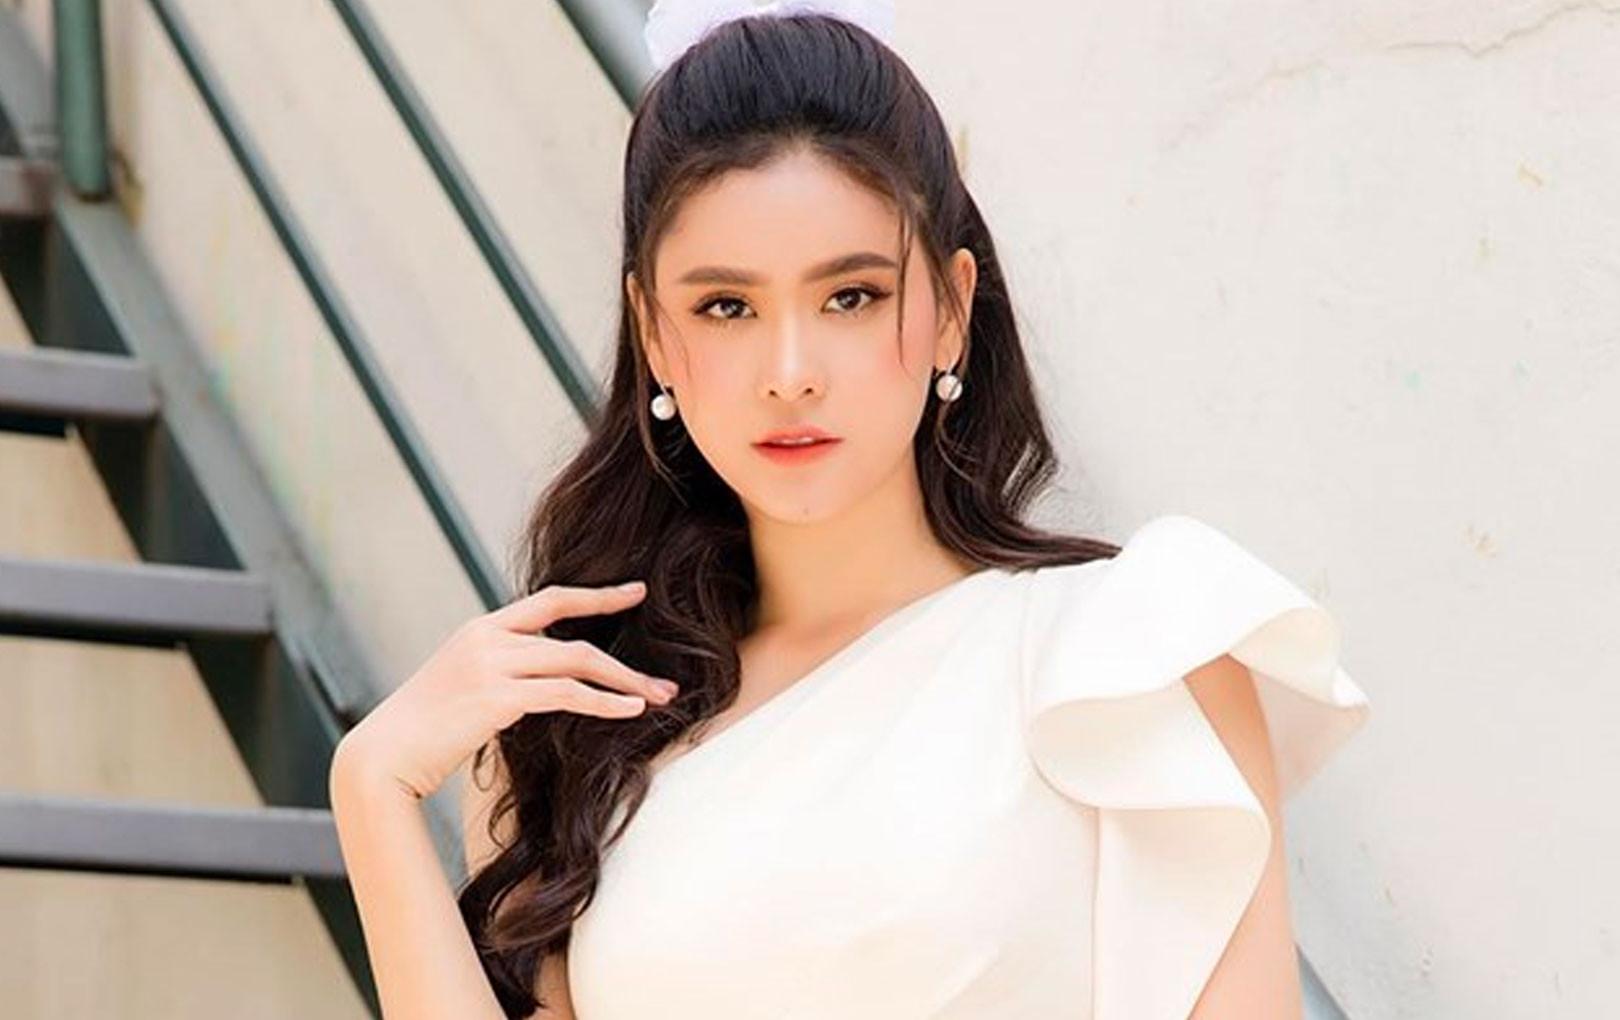 """Trương Quỳnh Anh chuyển nhà khi biết tin chồng cũ hẹn hò người mới: """"Tim hẹn hò bạn gái, tôi thấy ra riêng là đúng"""""""